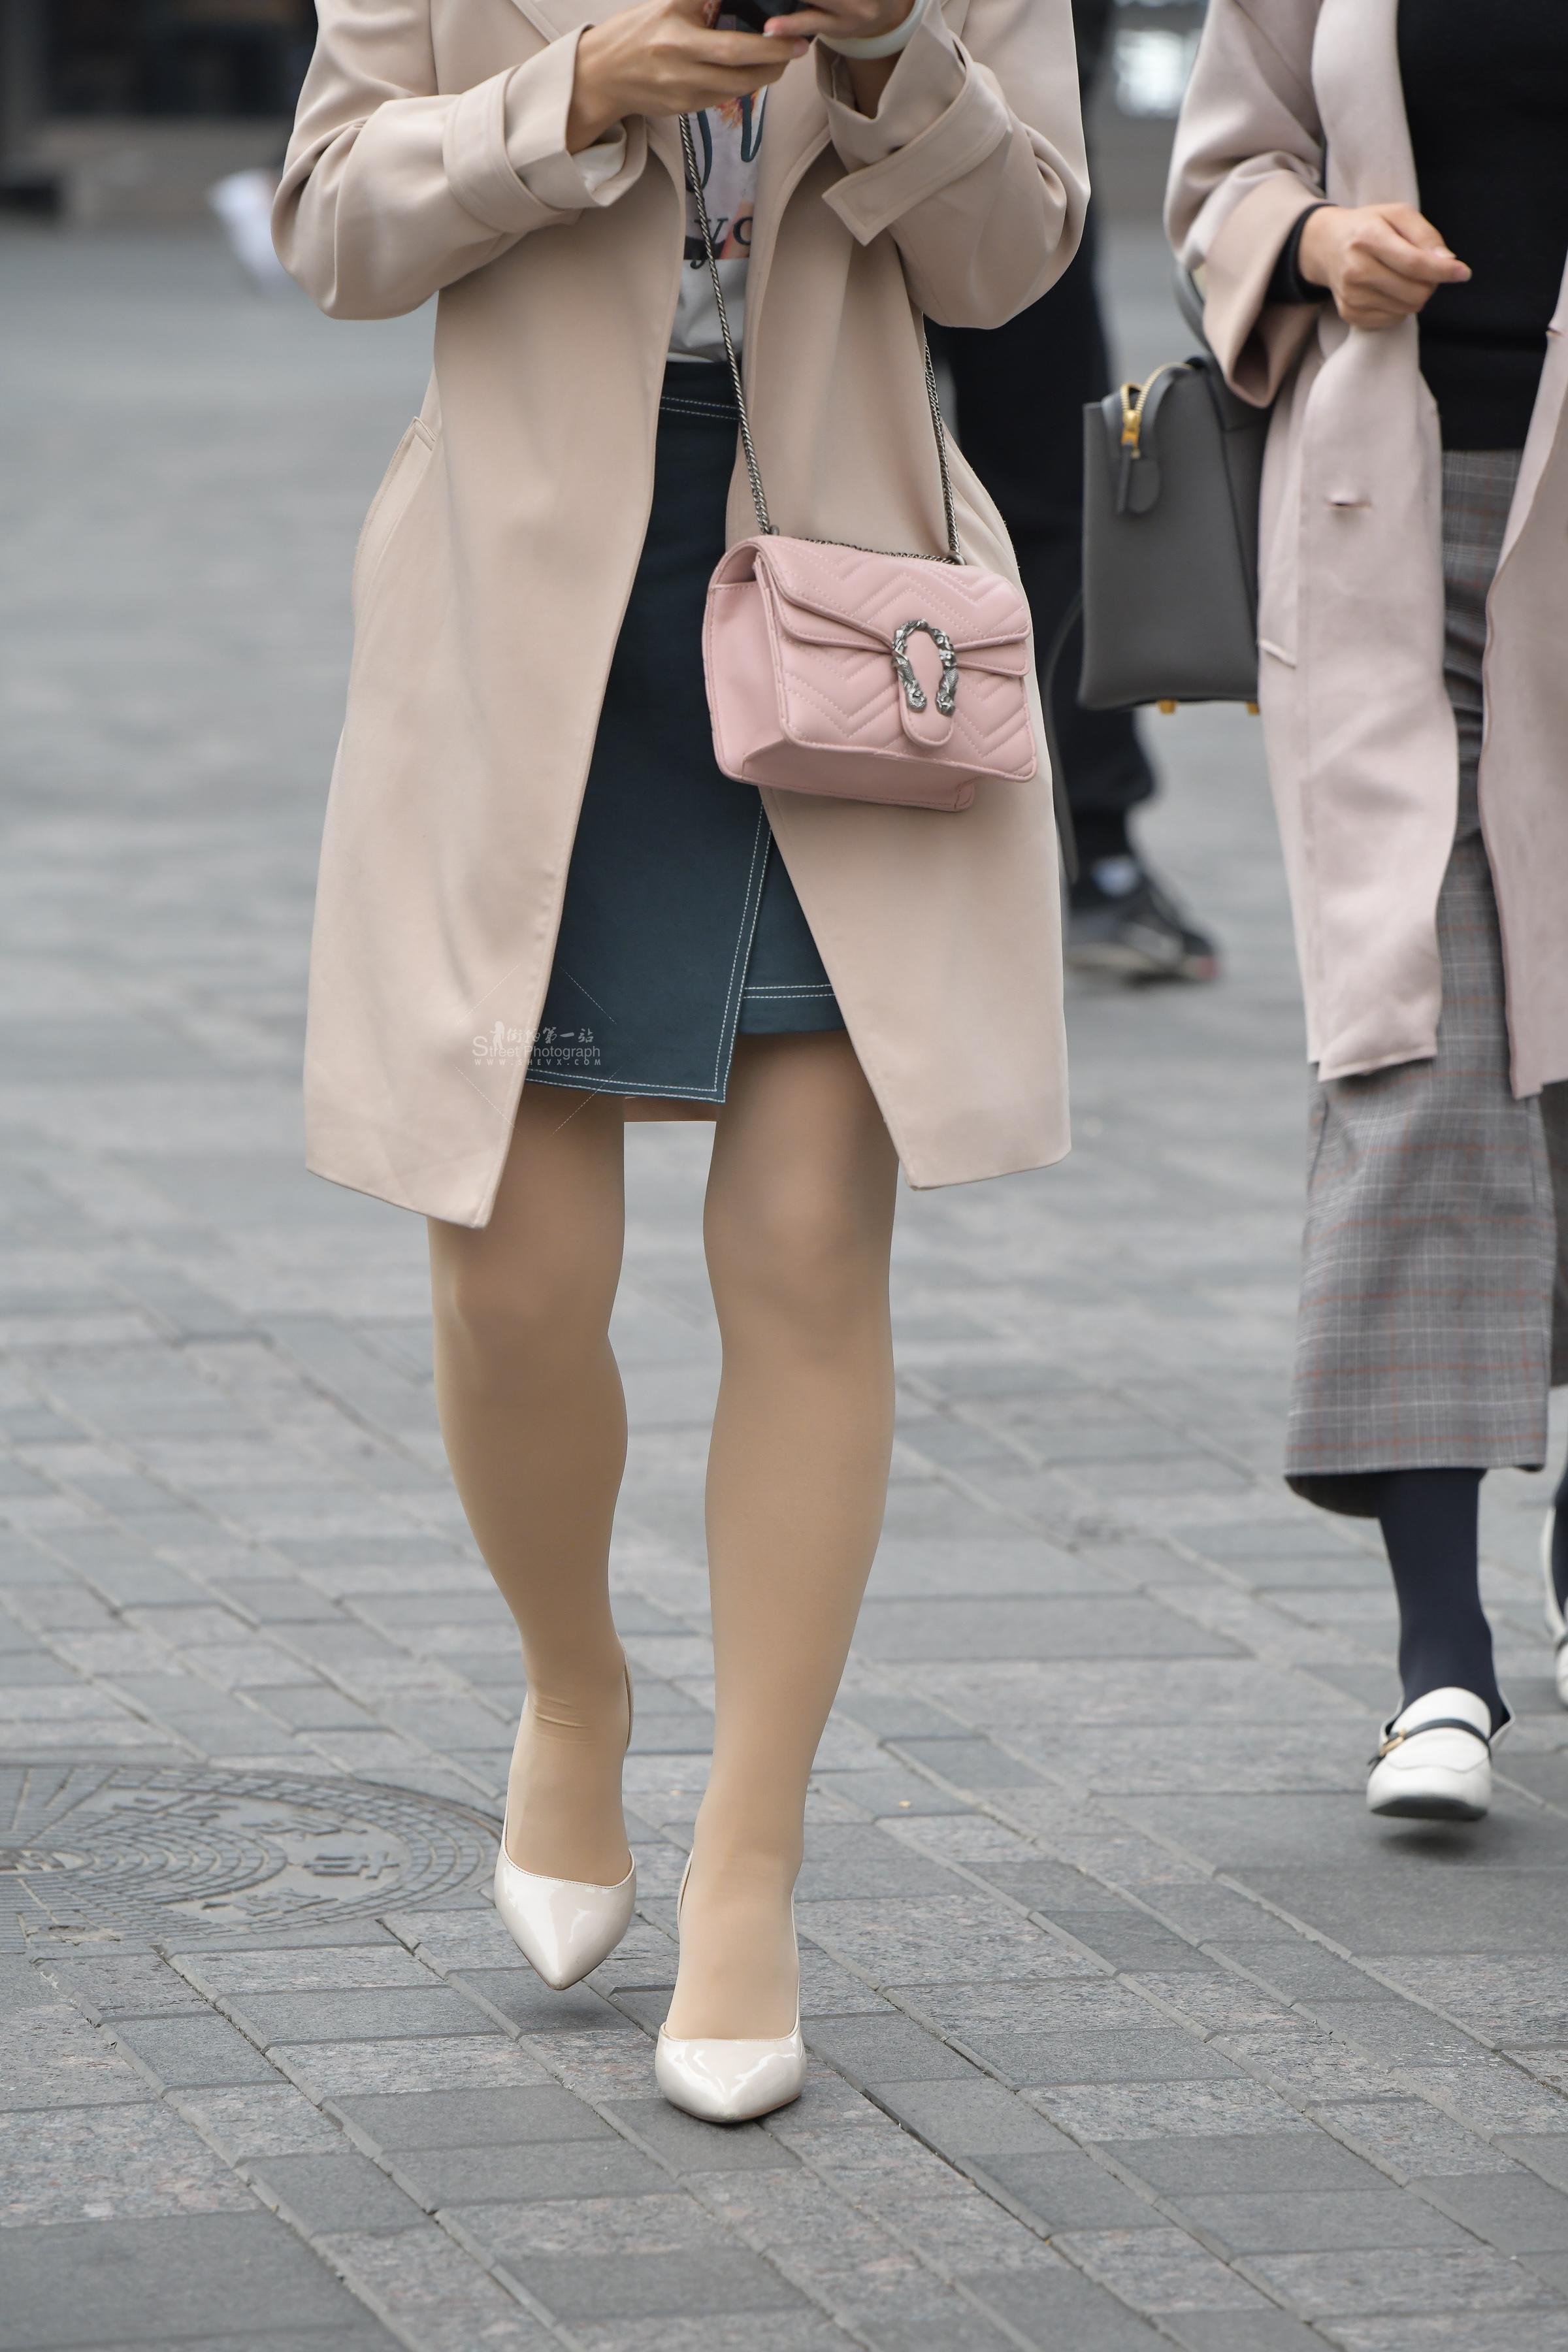 肉 丝袜办公室高跟风衣美美女短裤街拍图片女,必须收藏